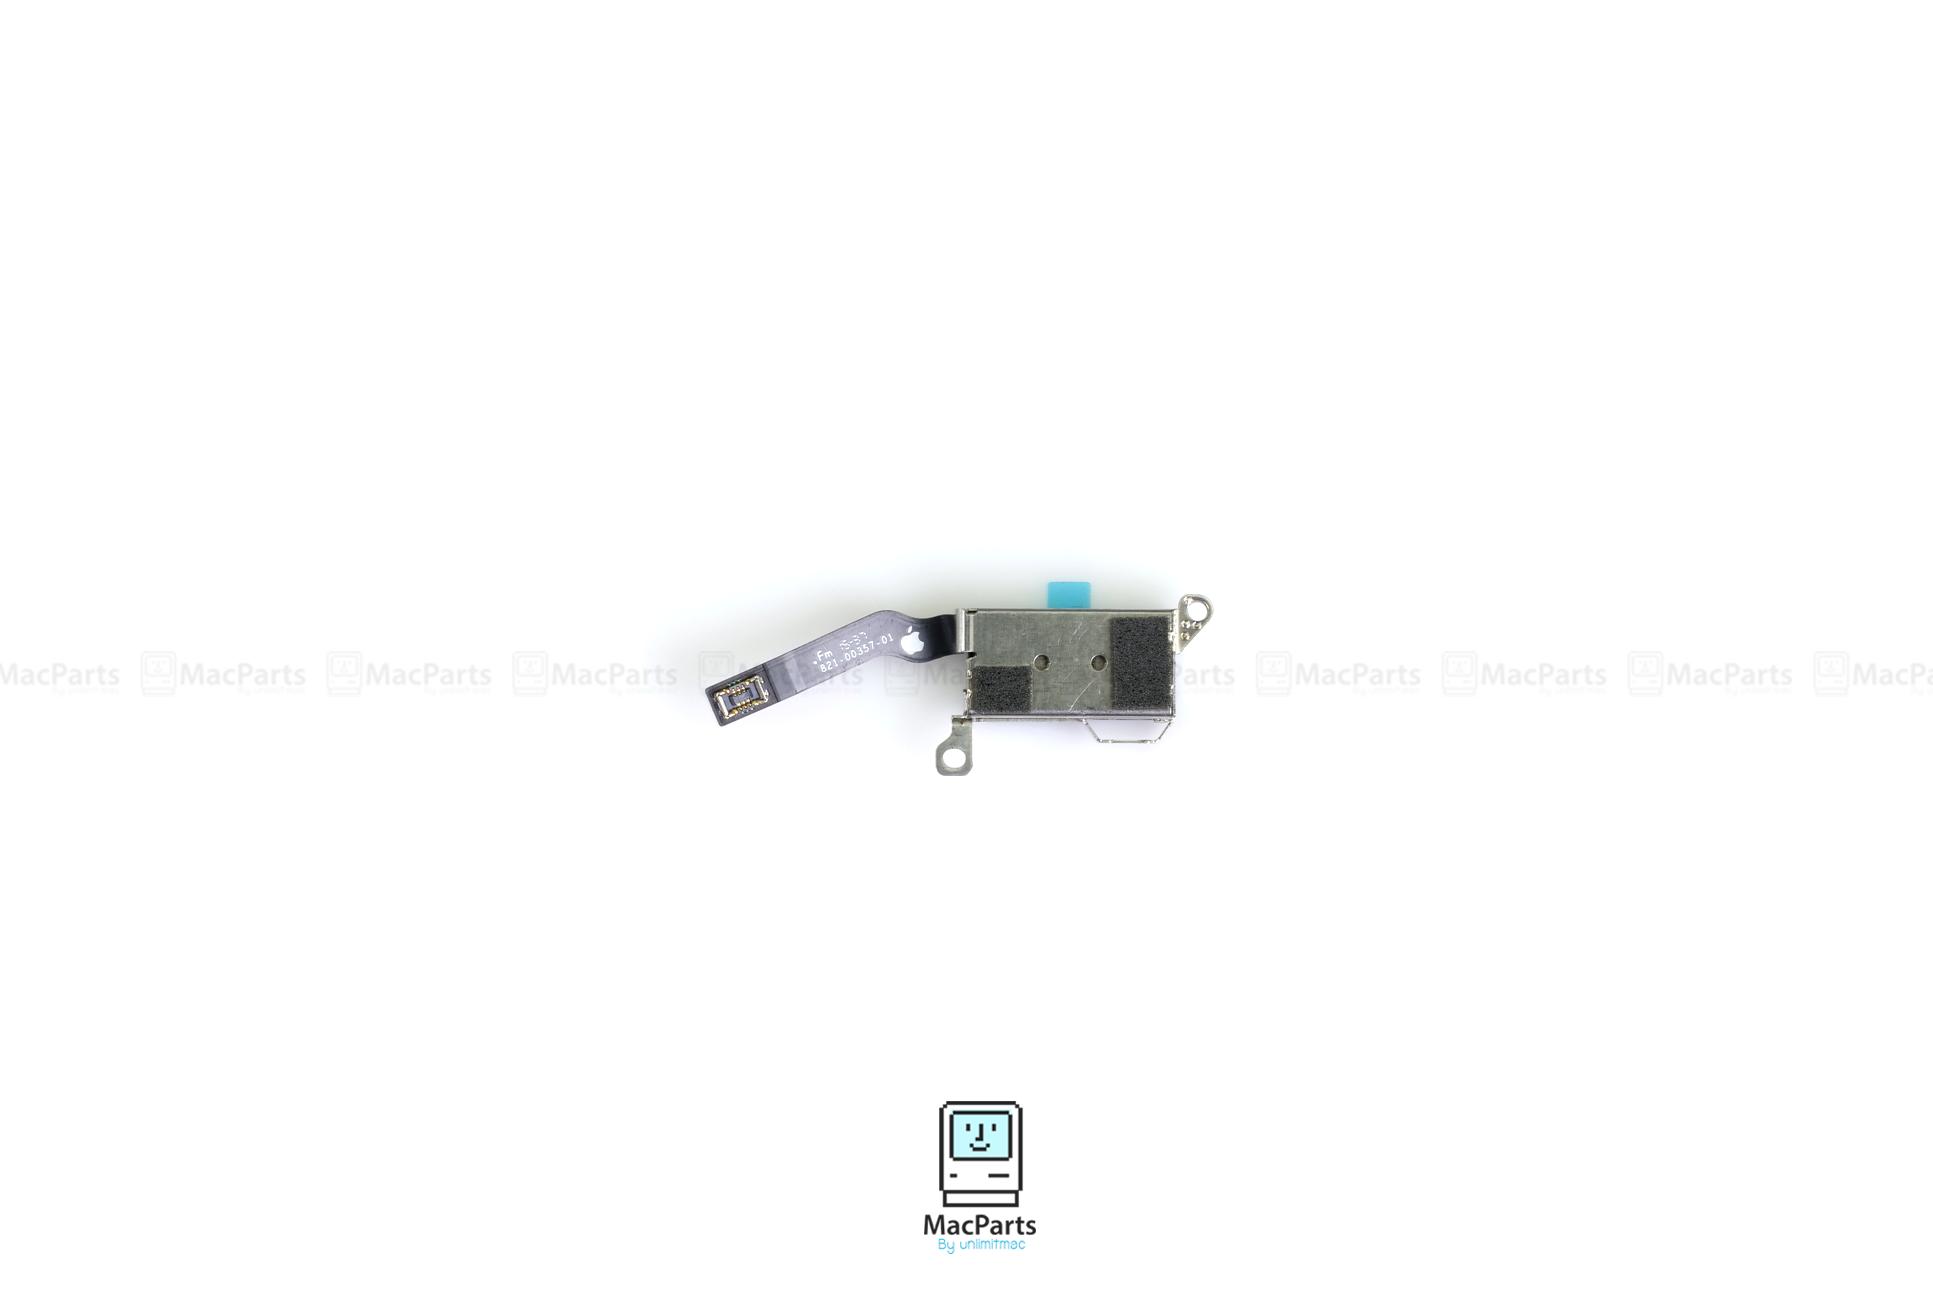 821-000357-A Vibration iPhone 6s Plus